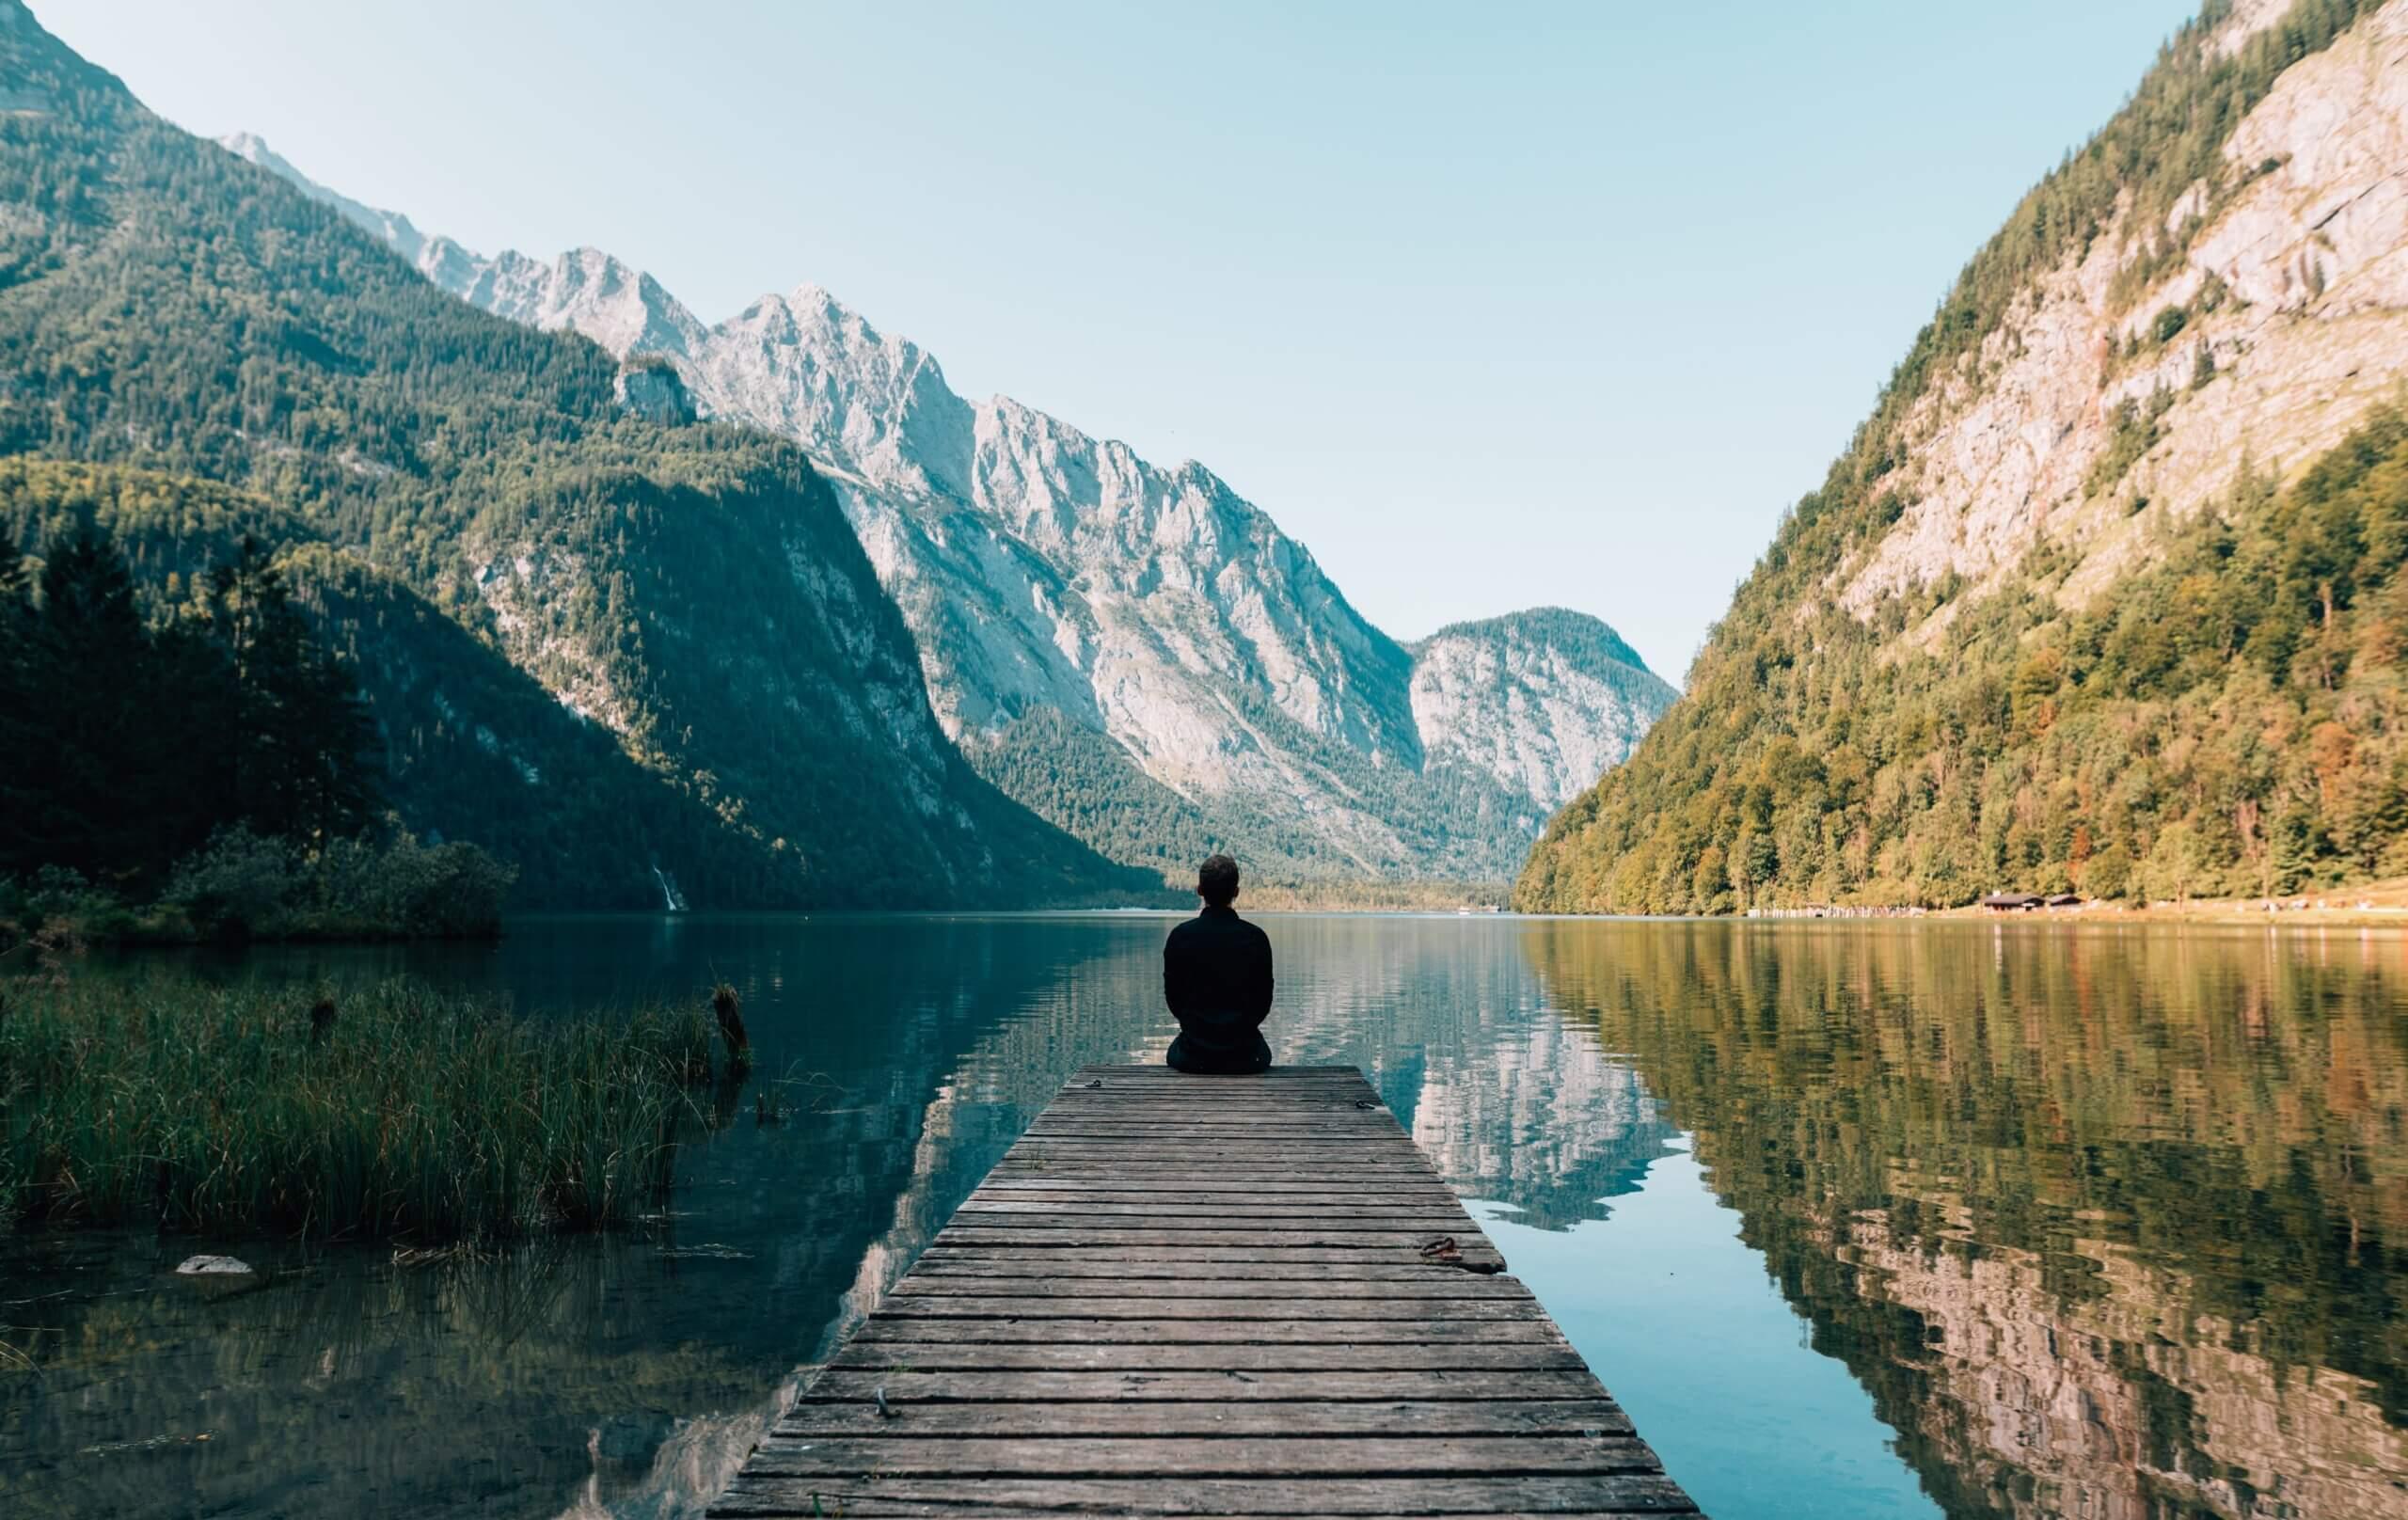 仕事を辞めたい人間関係で悩んで転職するときに大切な6つのこと